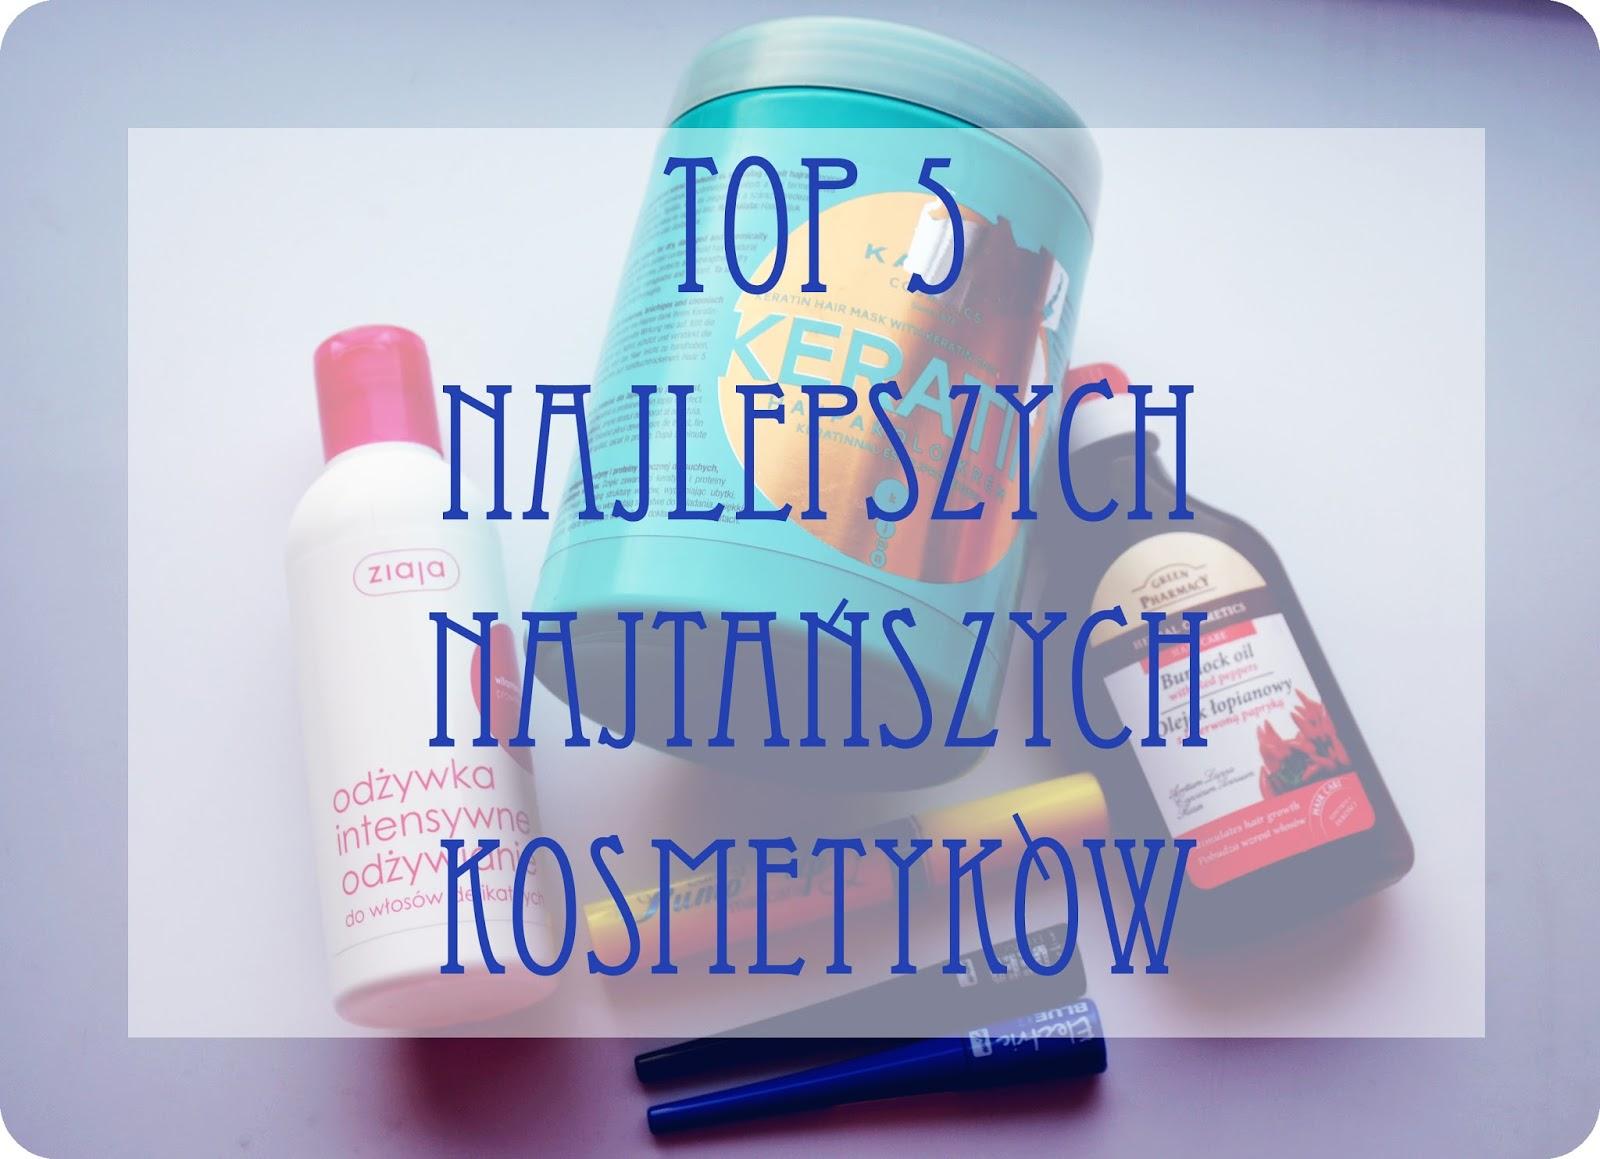 Top 5 najlepszych najtańszych kosmetyków jakie używałam